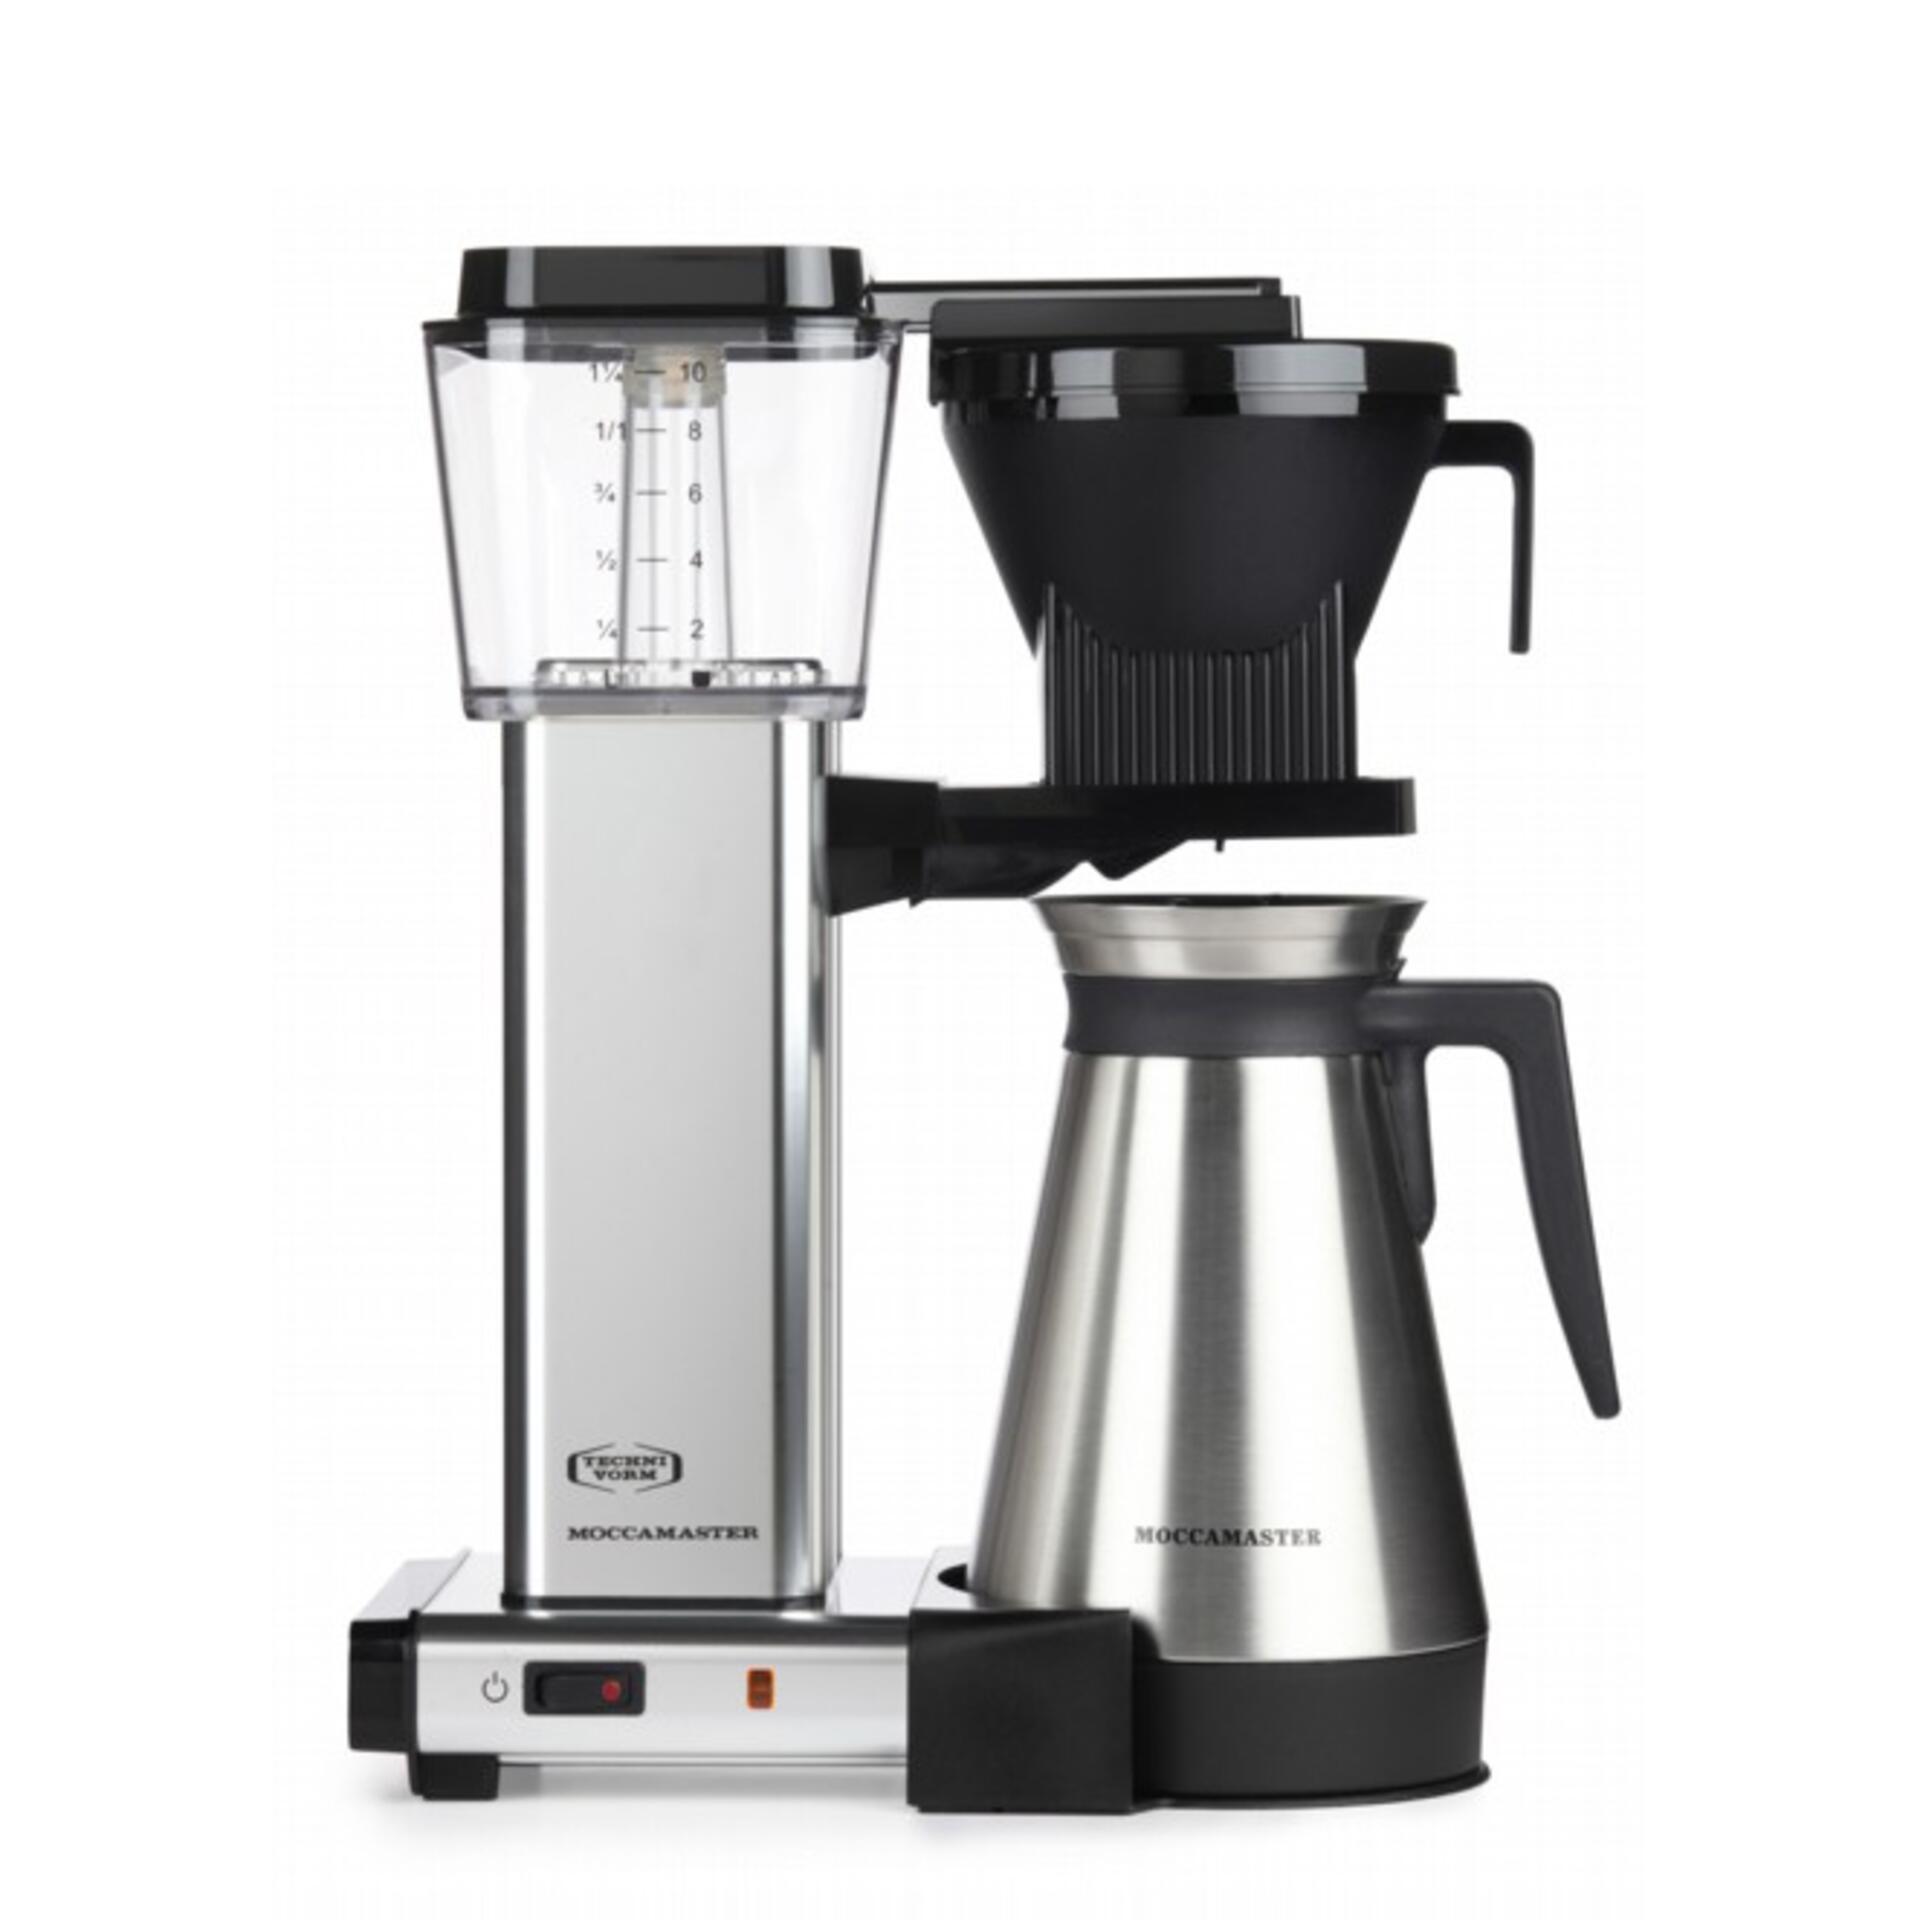 Moccamaster Kaffeemaschine KBGT 741 mit Thermoskanne